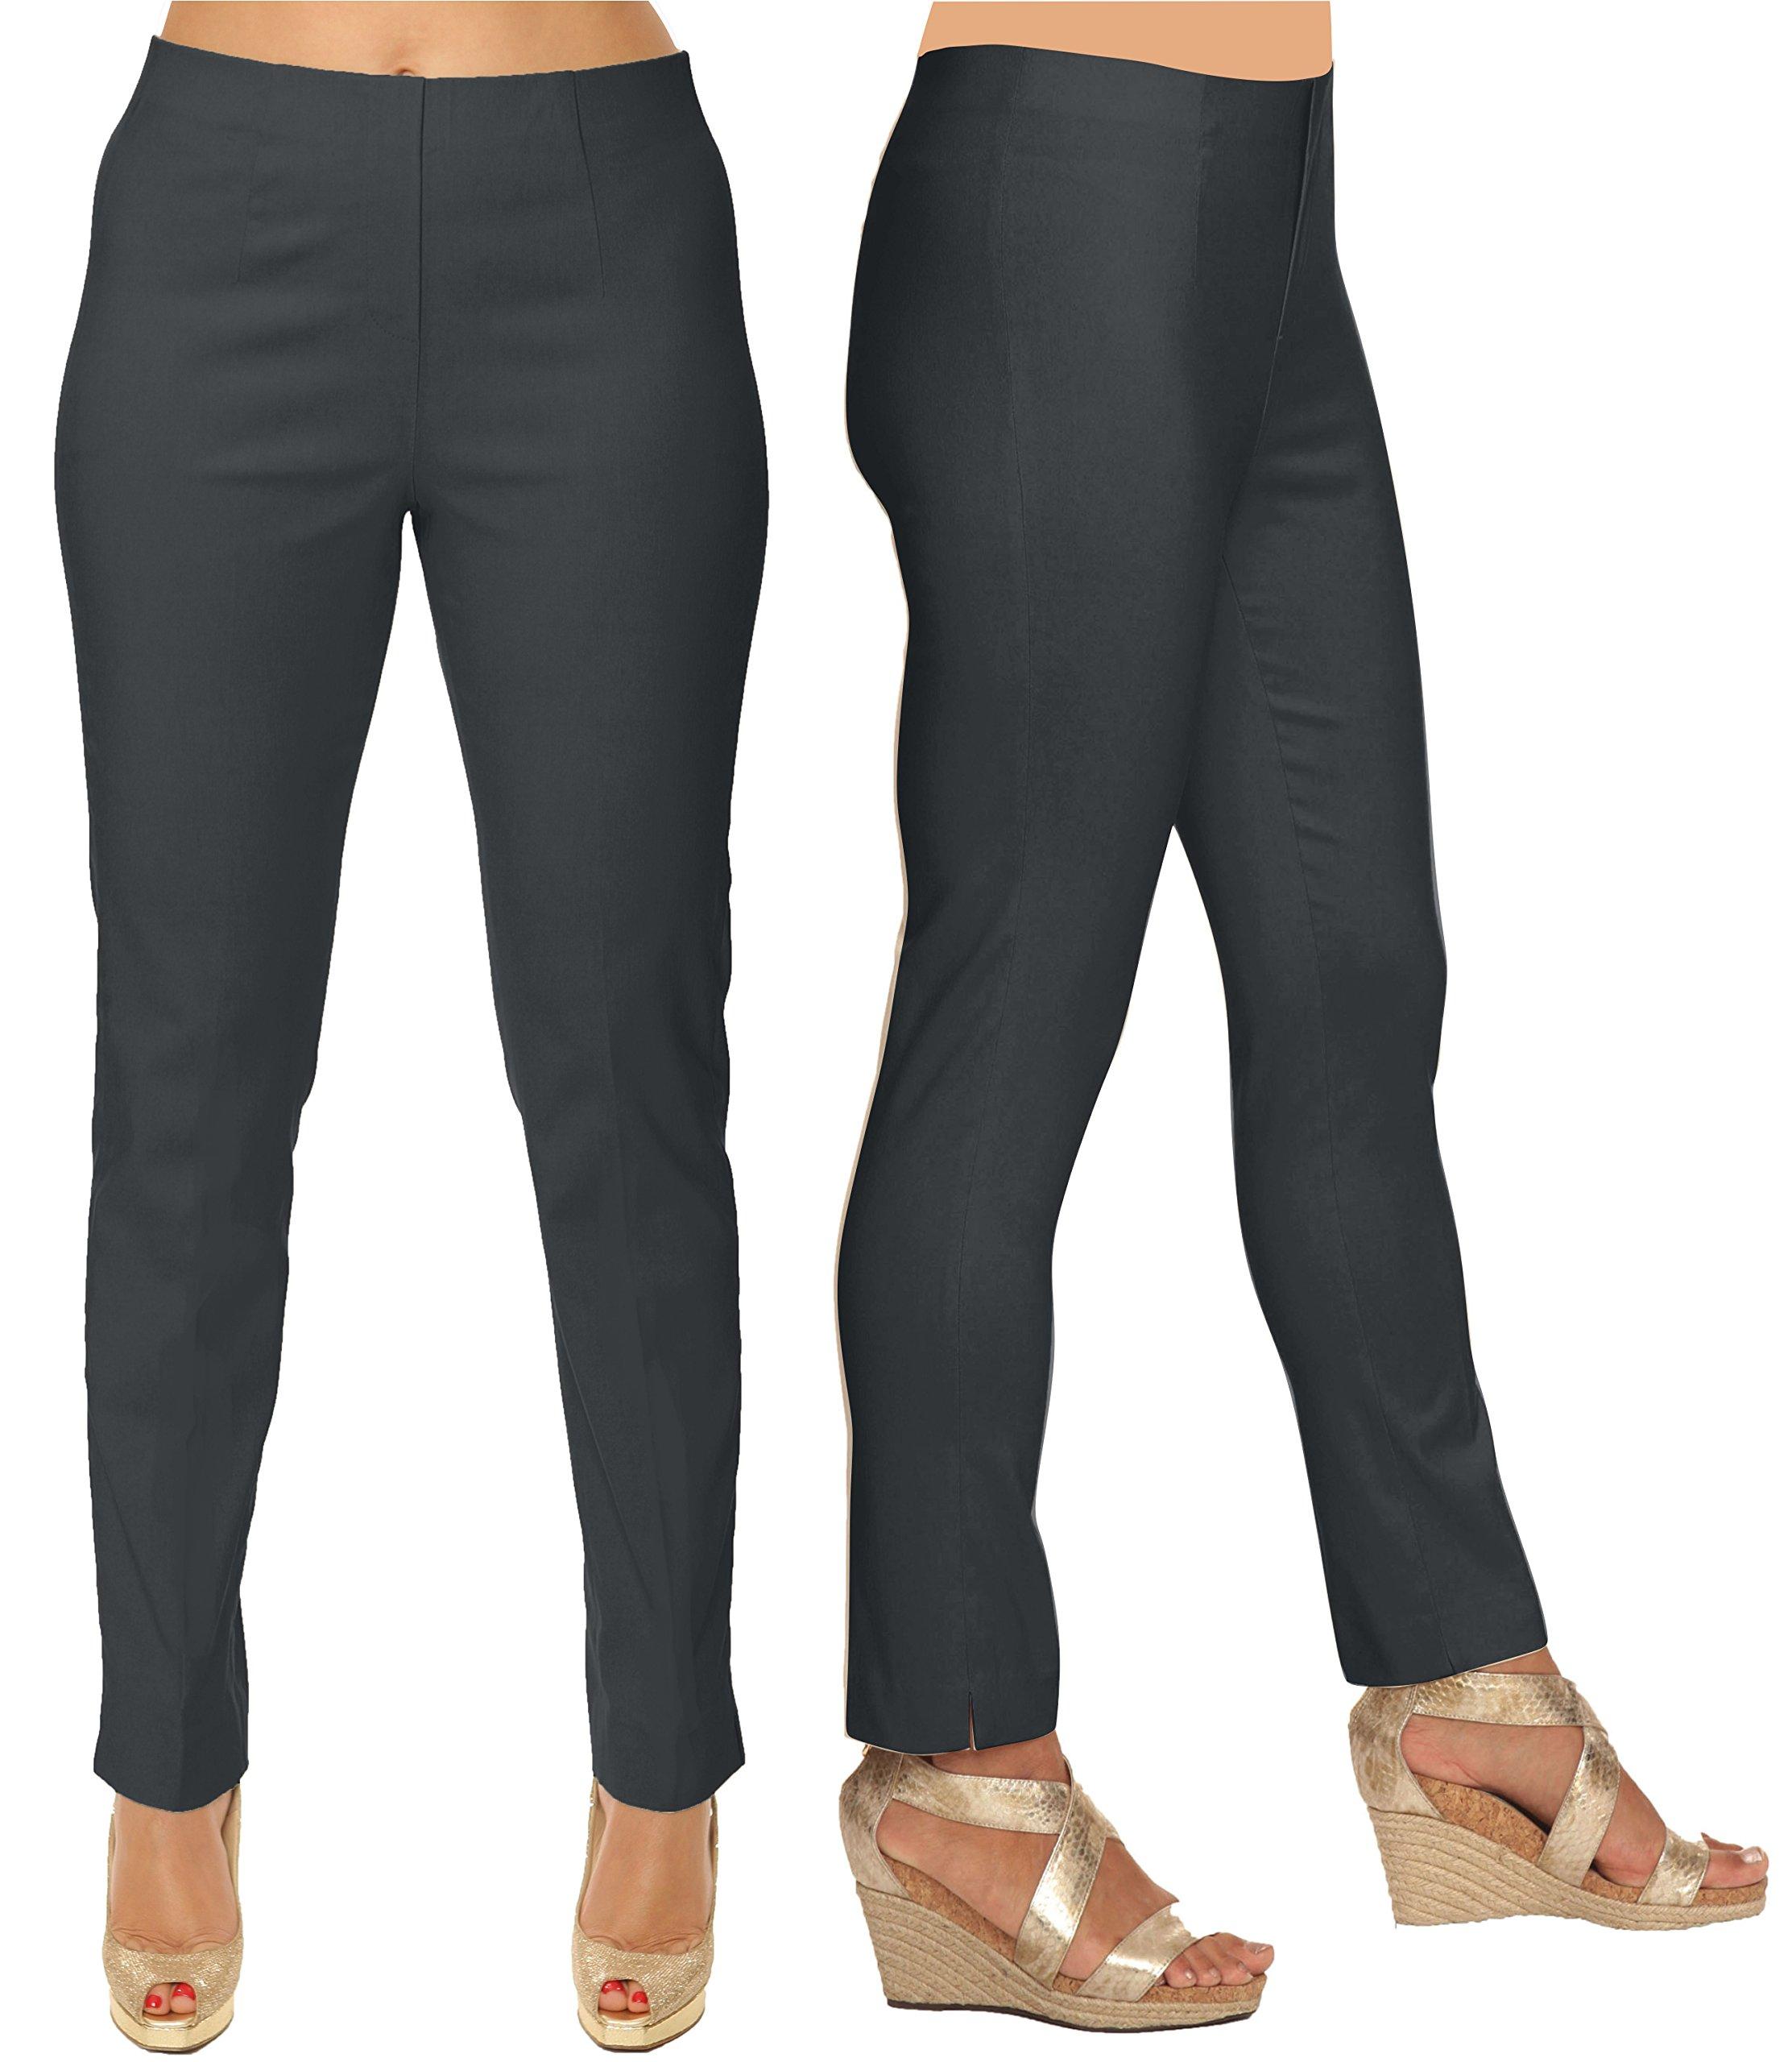 Lior Paris SASHA Essential Slim Fit Ankle Pant (16, Charcoal)